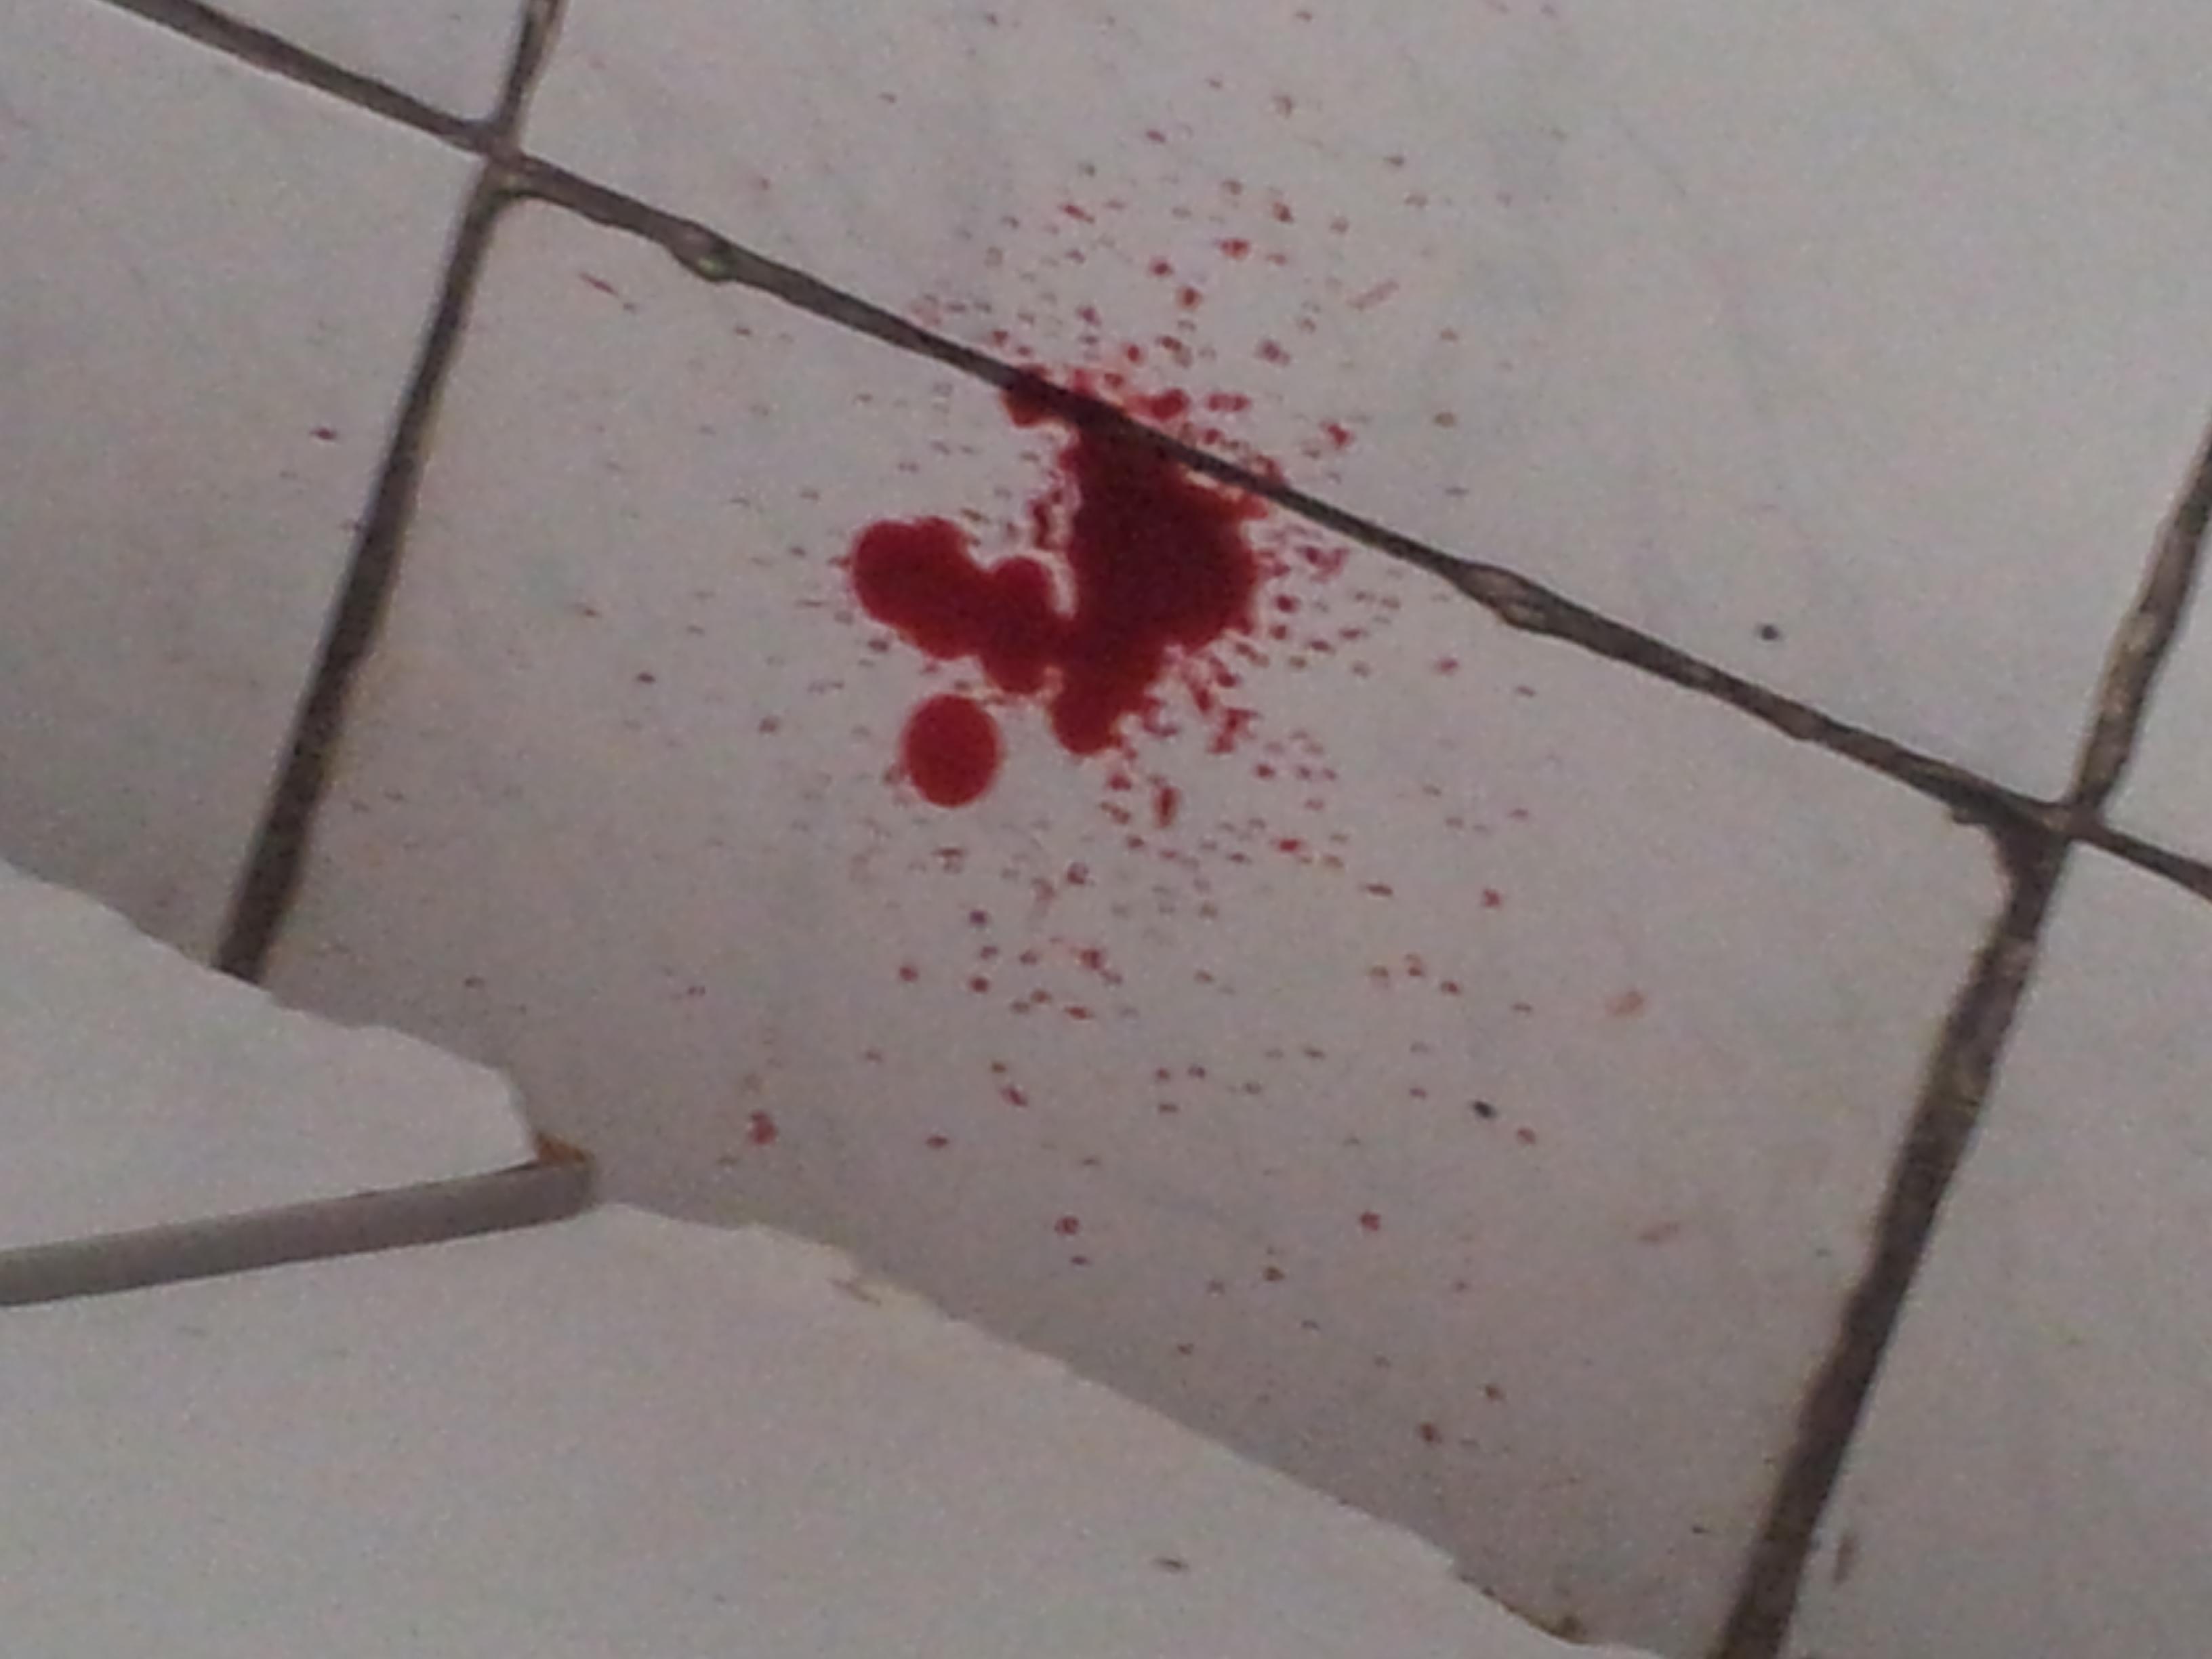 sangrado hoy mientras me afeitaba